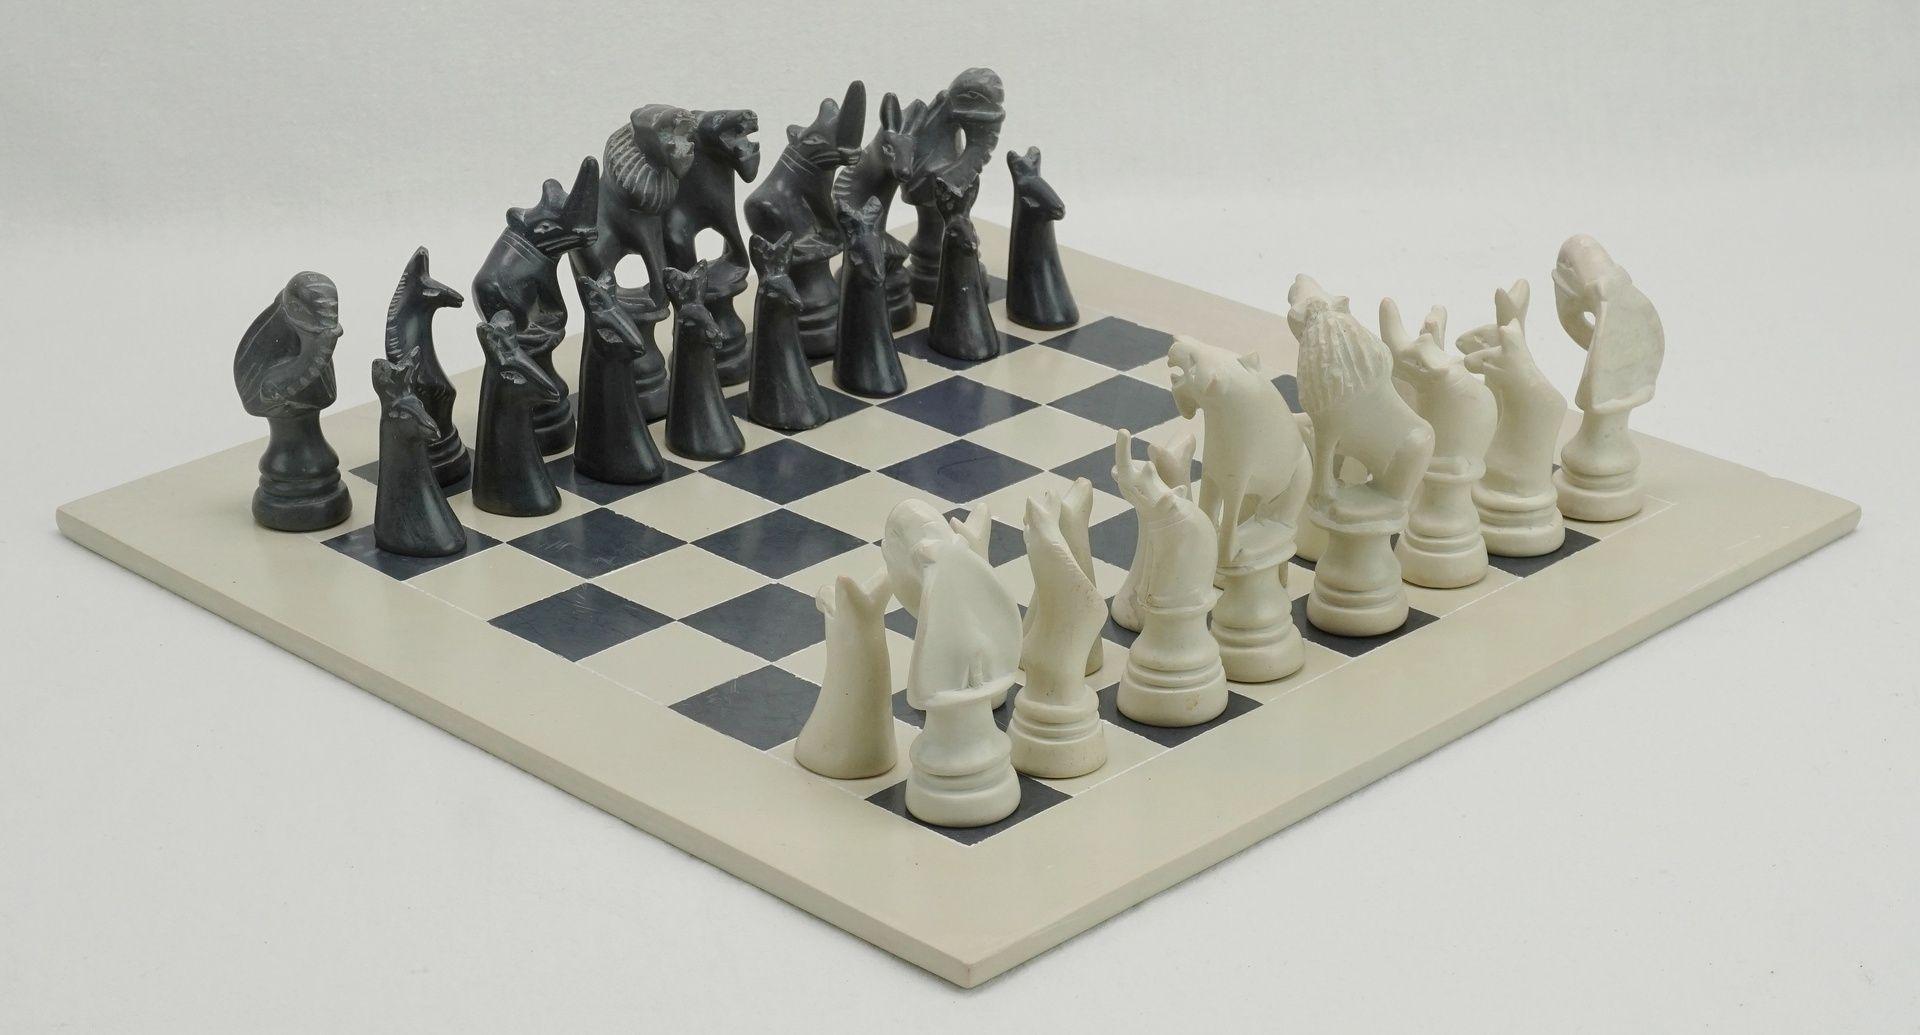 Afrikanisches Schachspiel, 2. Hälfte 20. Jh.